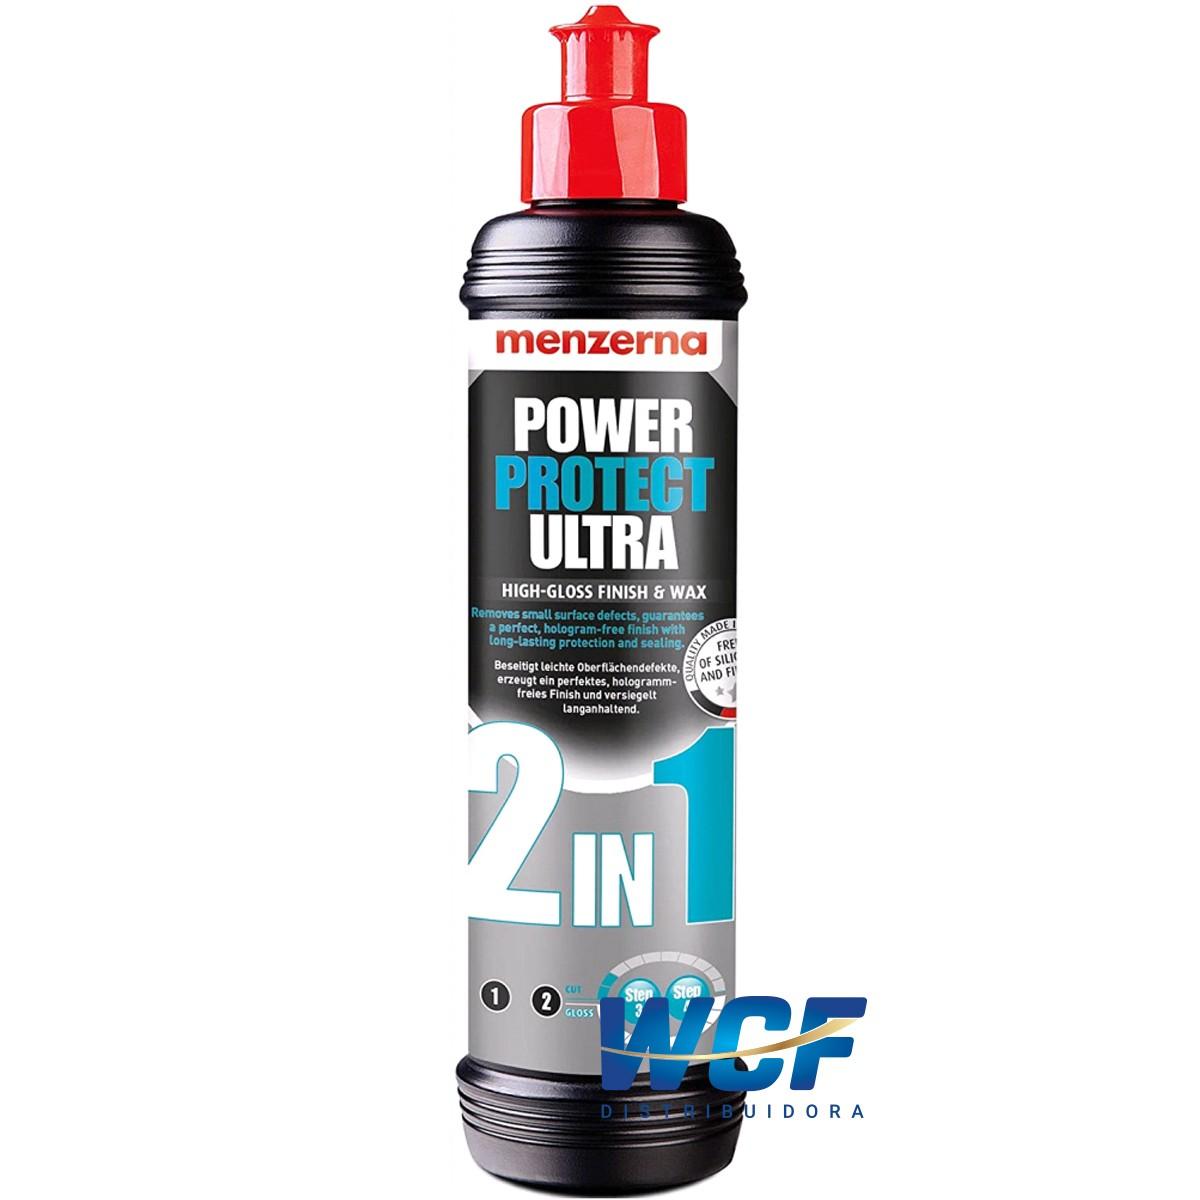 POWER PROTECT ULTRA 2 EM 1 HIGH GLOSS FINISH E WAX 250ML MENZERNA